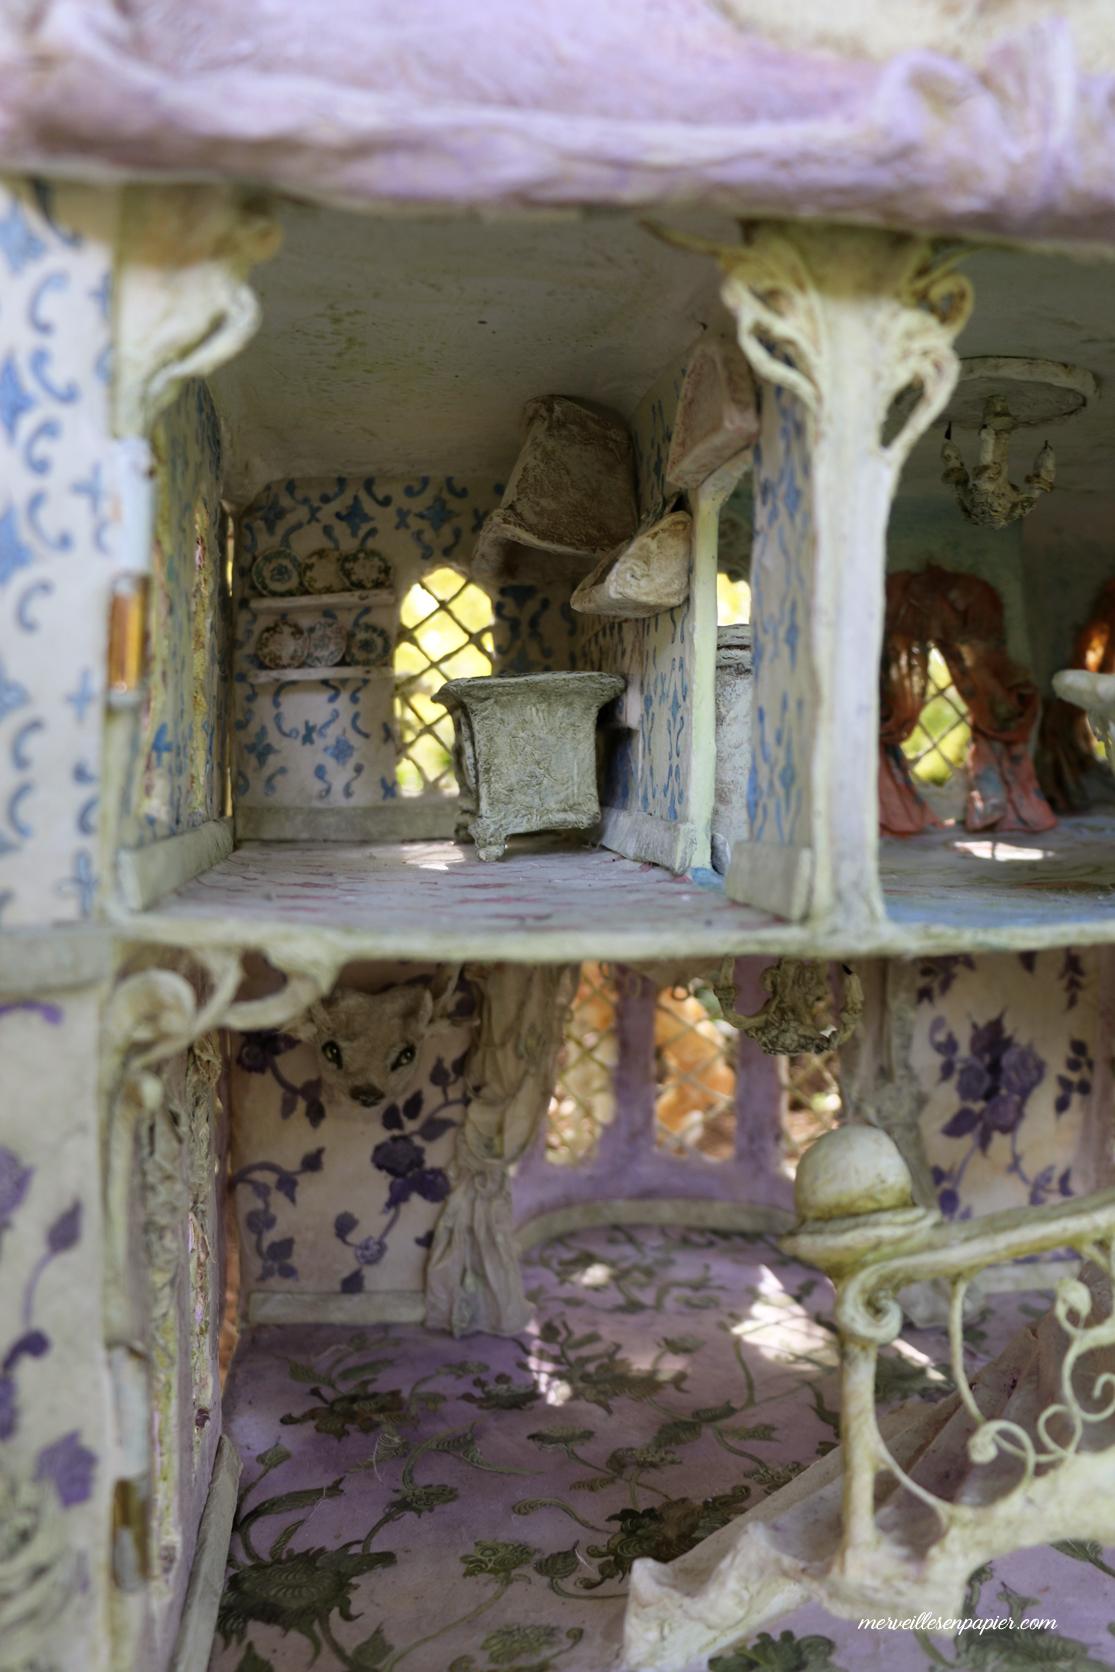 miss-havisham's-dollhouse-4.jpg